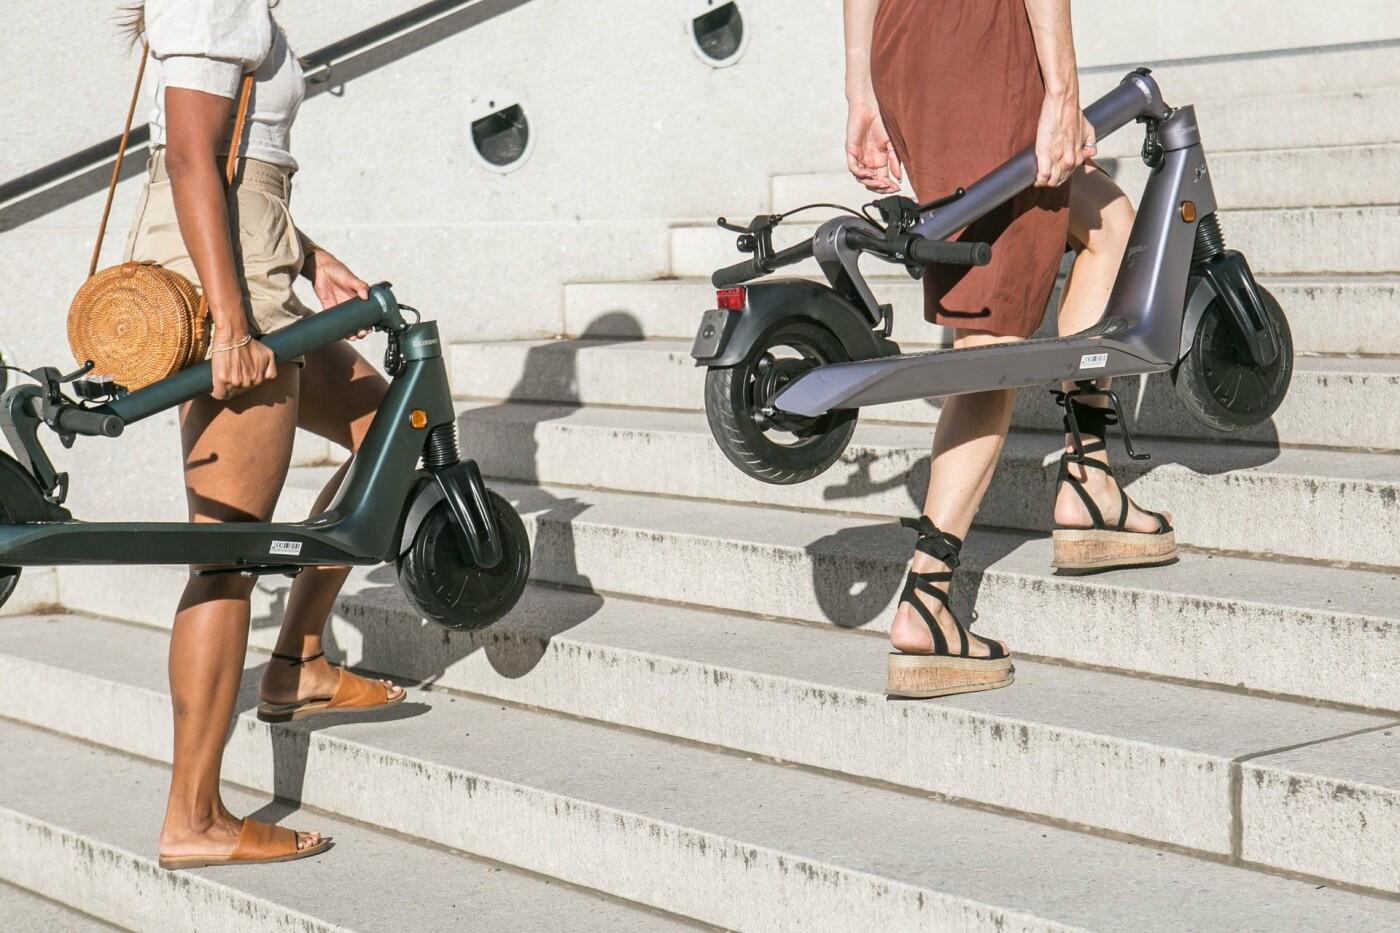 ТОП-5 причин перейти на самокаты или велосипеды в Киеве, Фото: Okai Vehicles